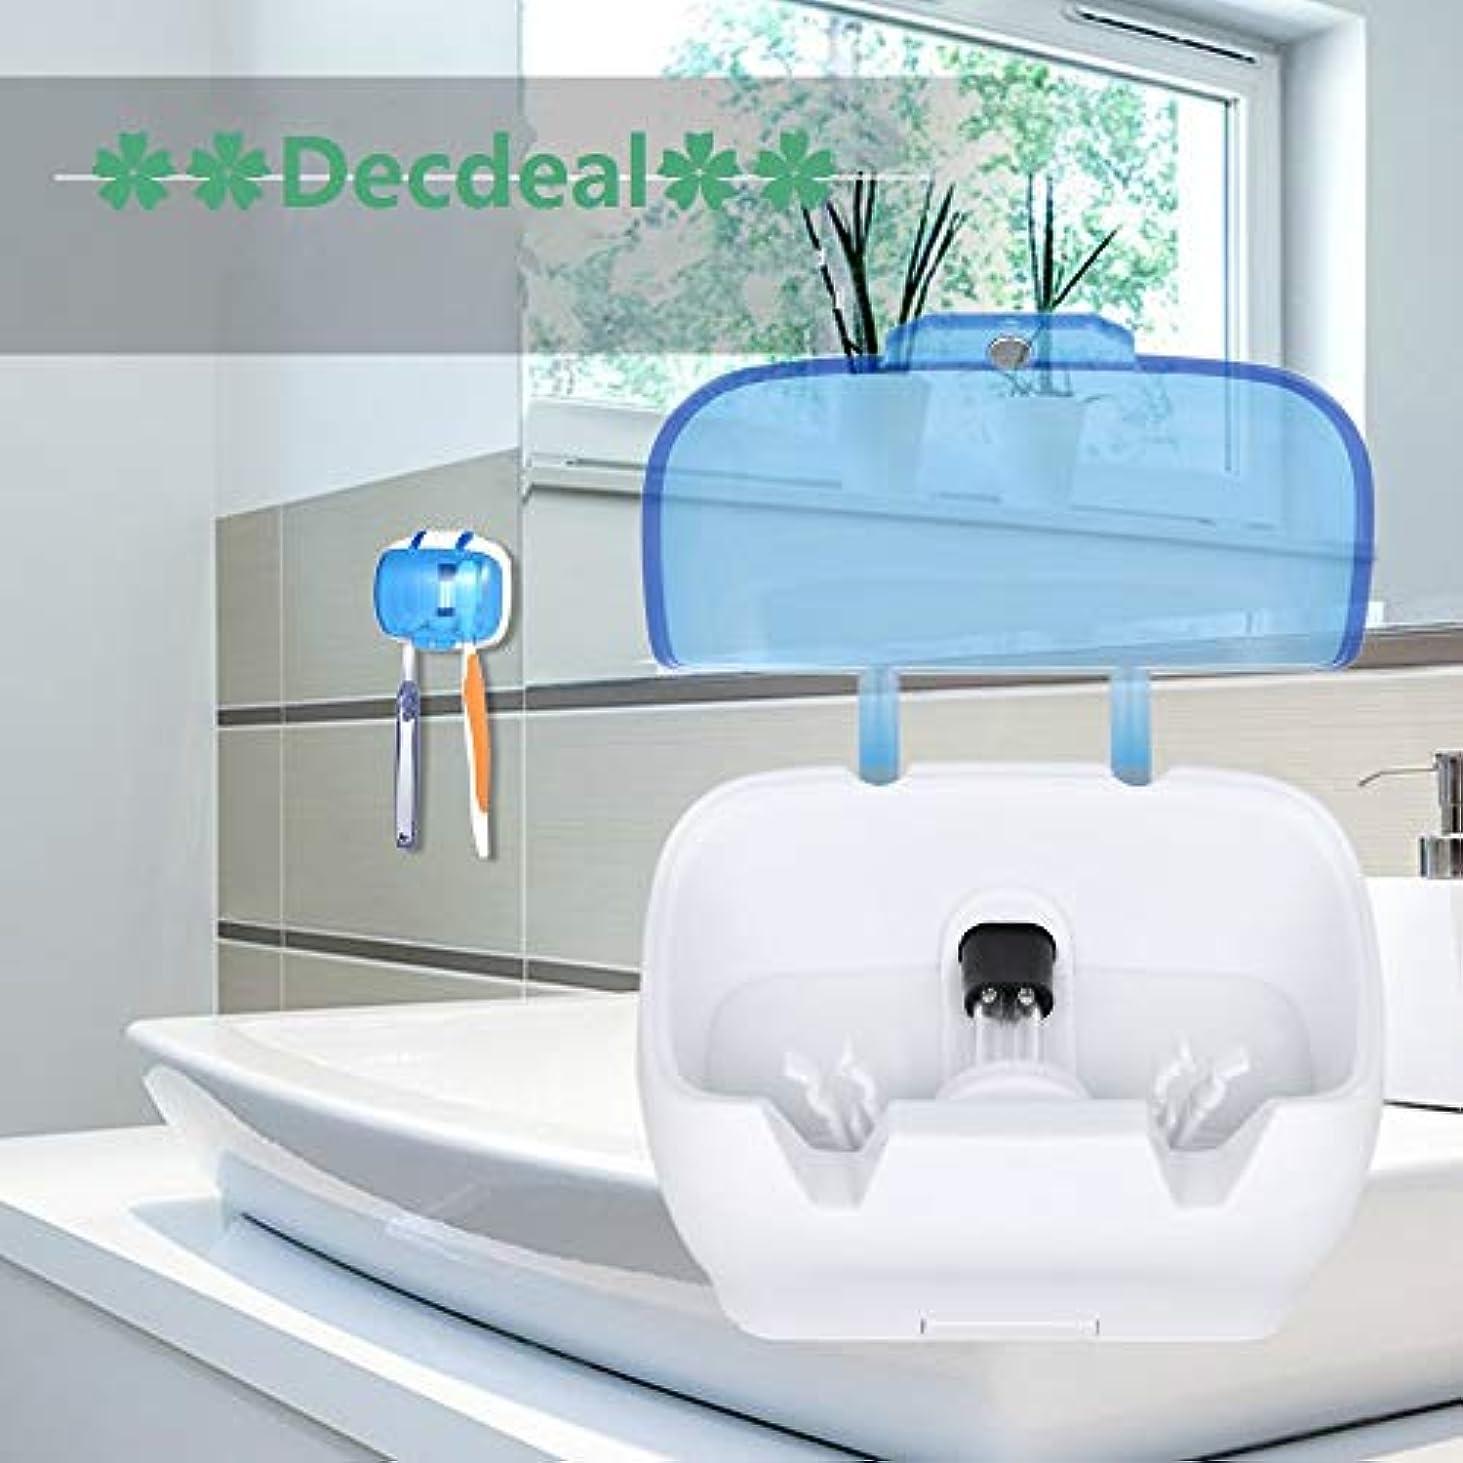 作曲する軍倍率Decdeal UV滅菌キャビネット 多機能消毒クリーンツール プロフェッショナル ネイルアート機器トレイ 温度殺菌ツール 5W 220V USプラグ (歯ブラシUV消毒ボックス)